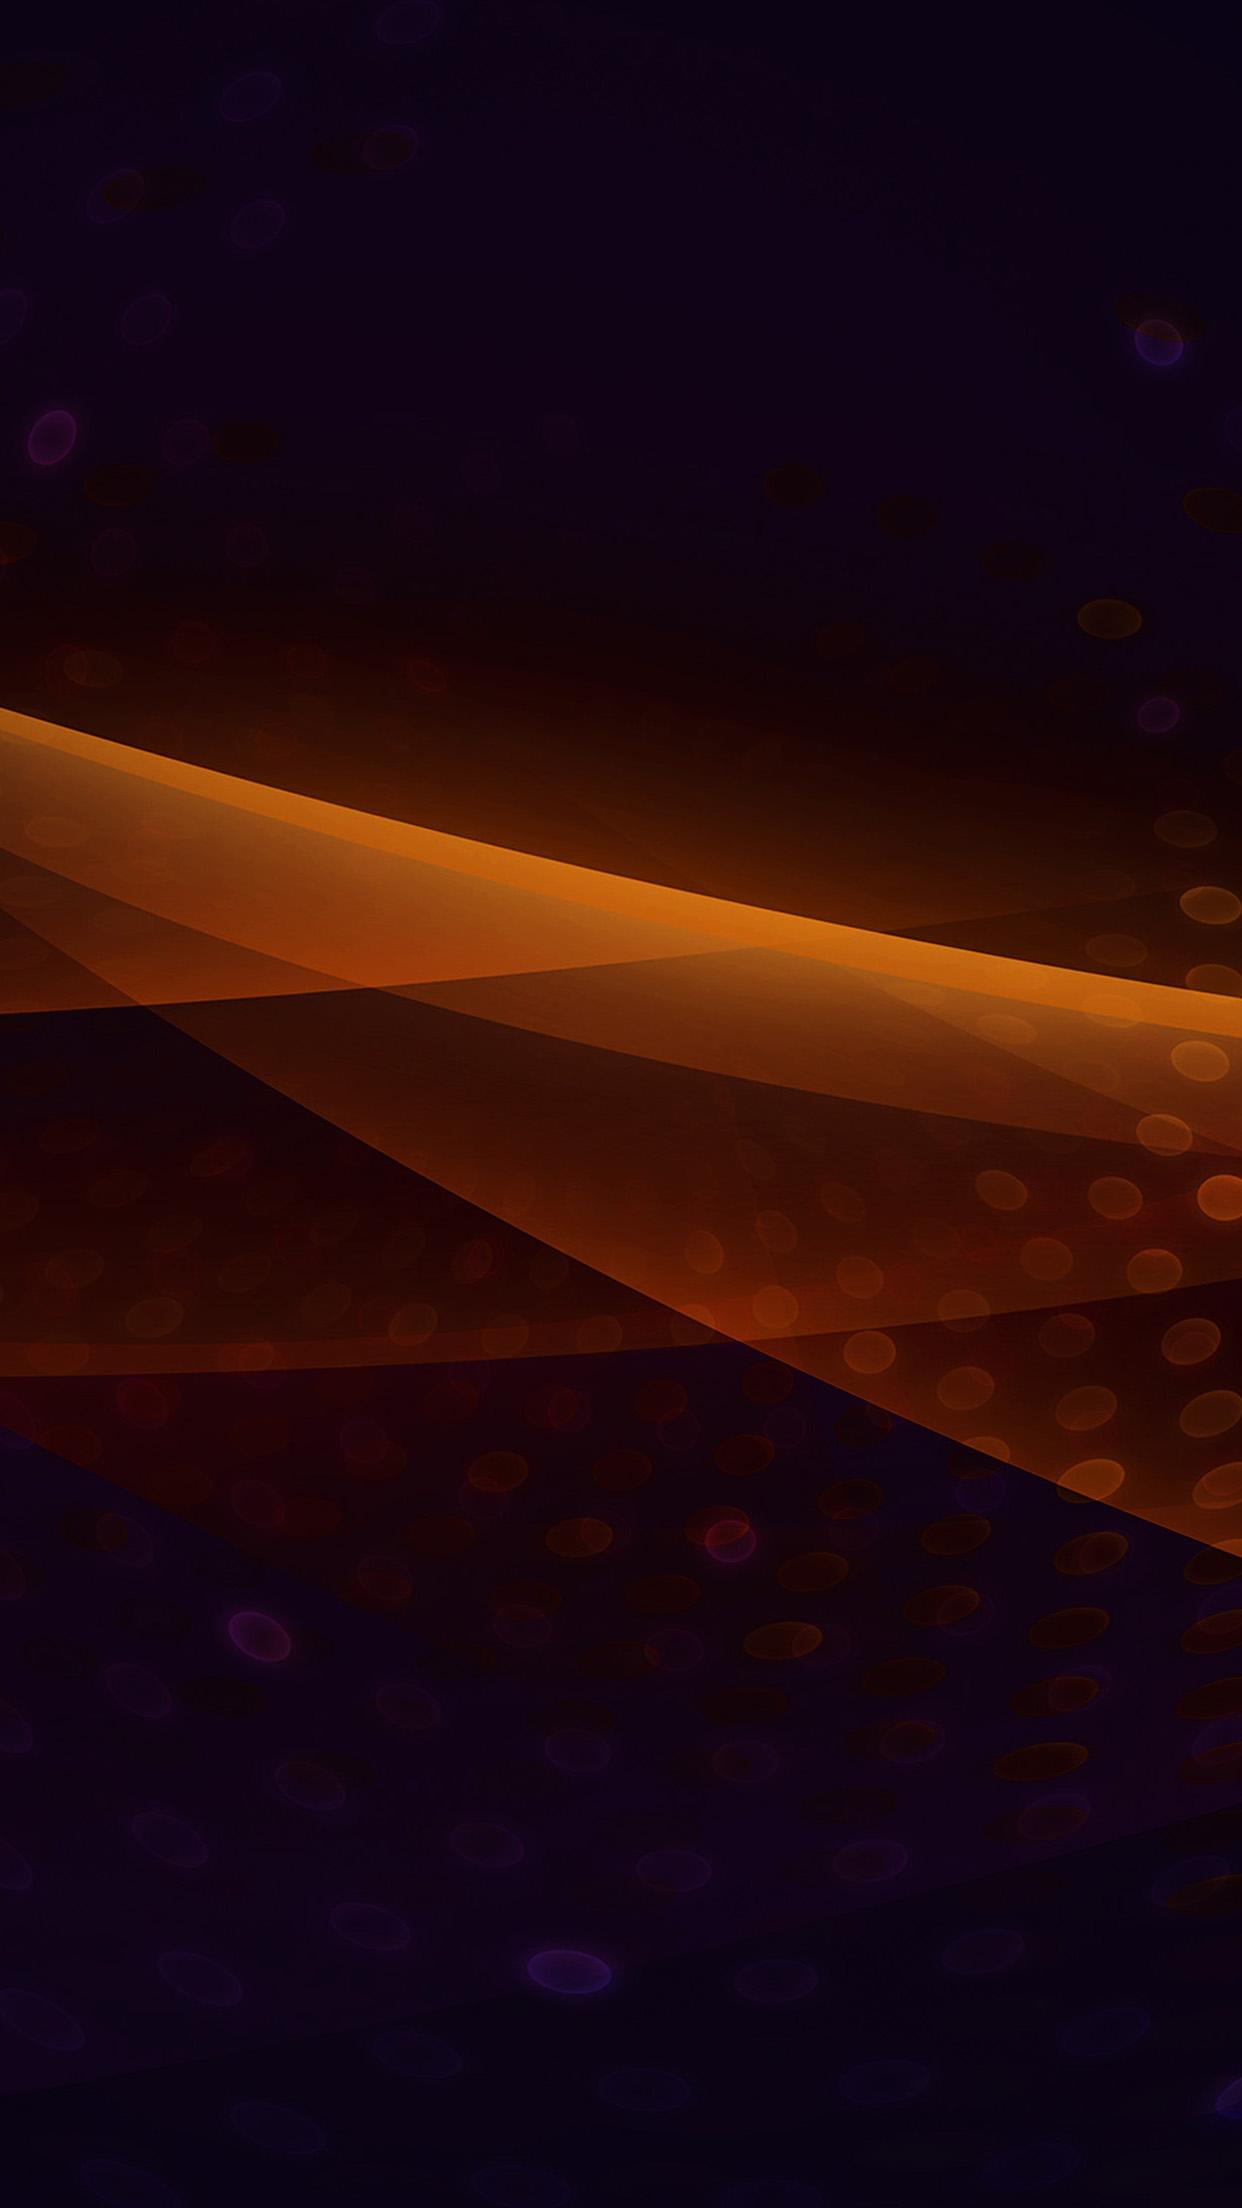 紫の背景 オレンジの波形 iPhone6壁紙